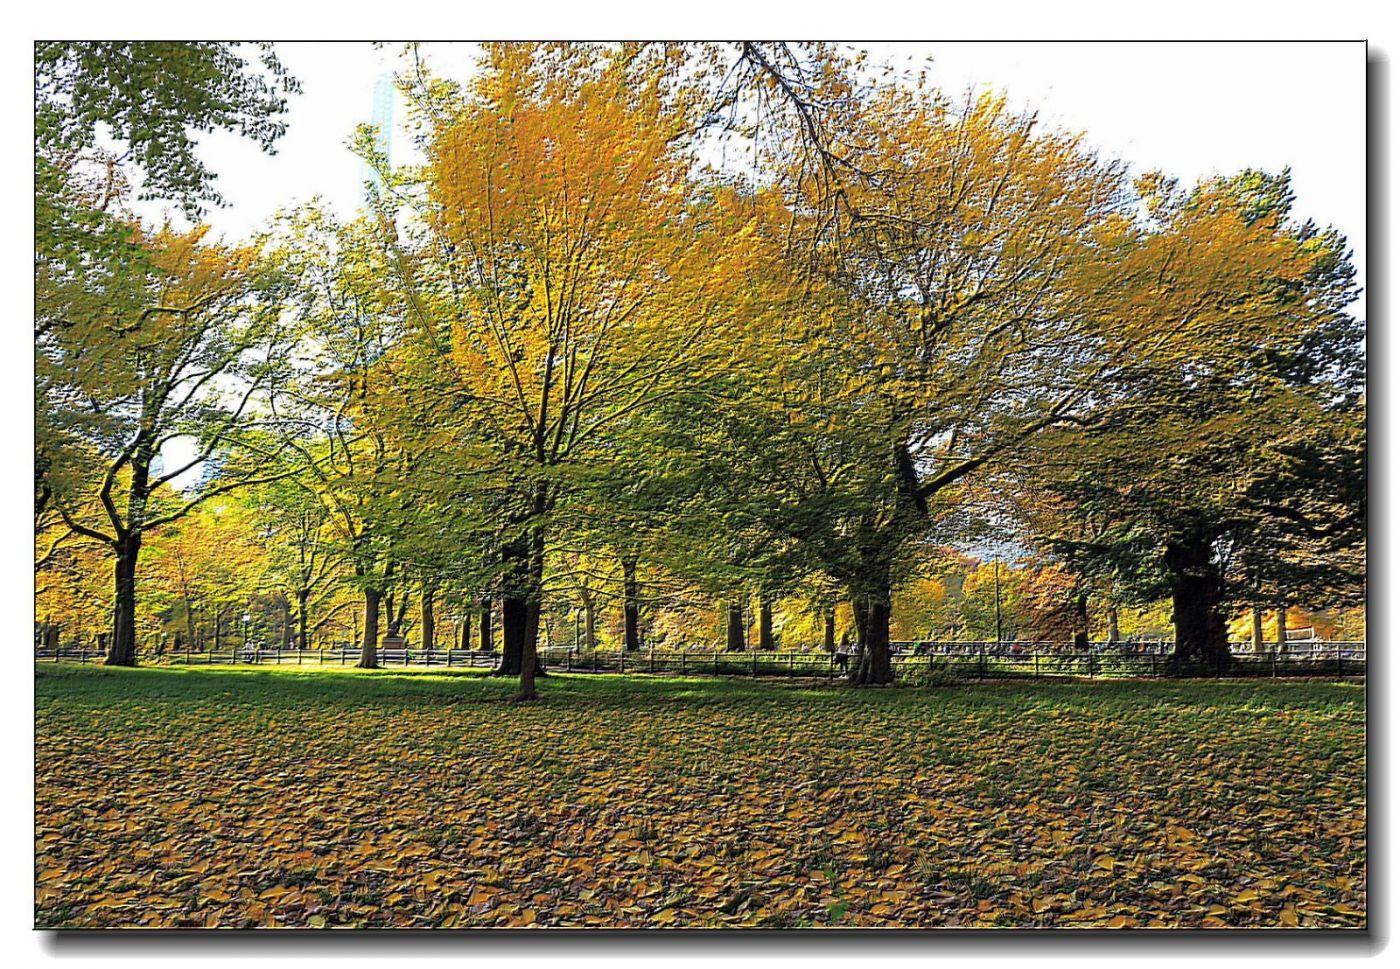 深秋色彩-中央公园1_图1-9